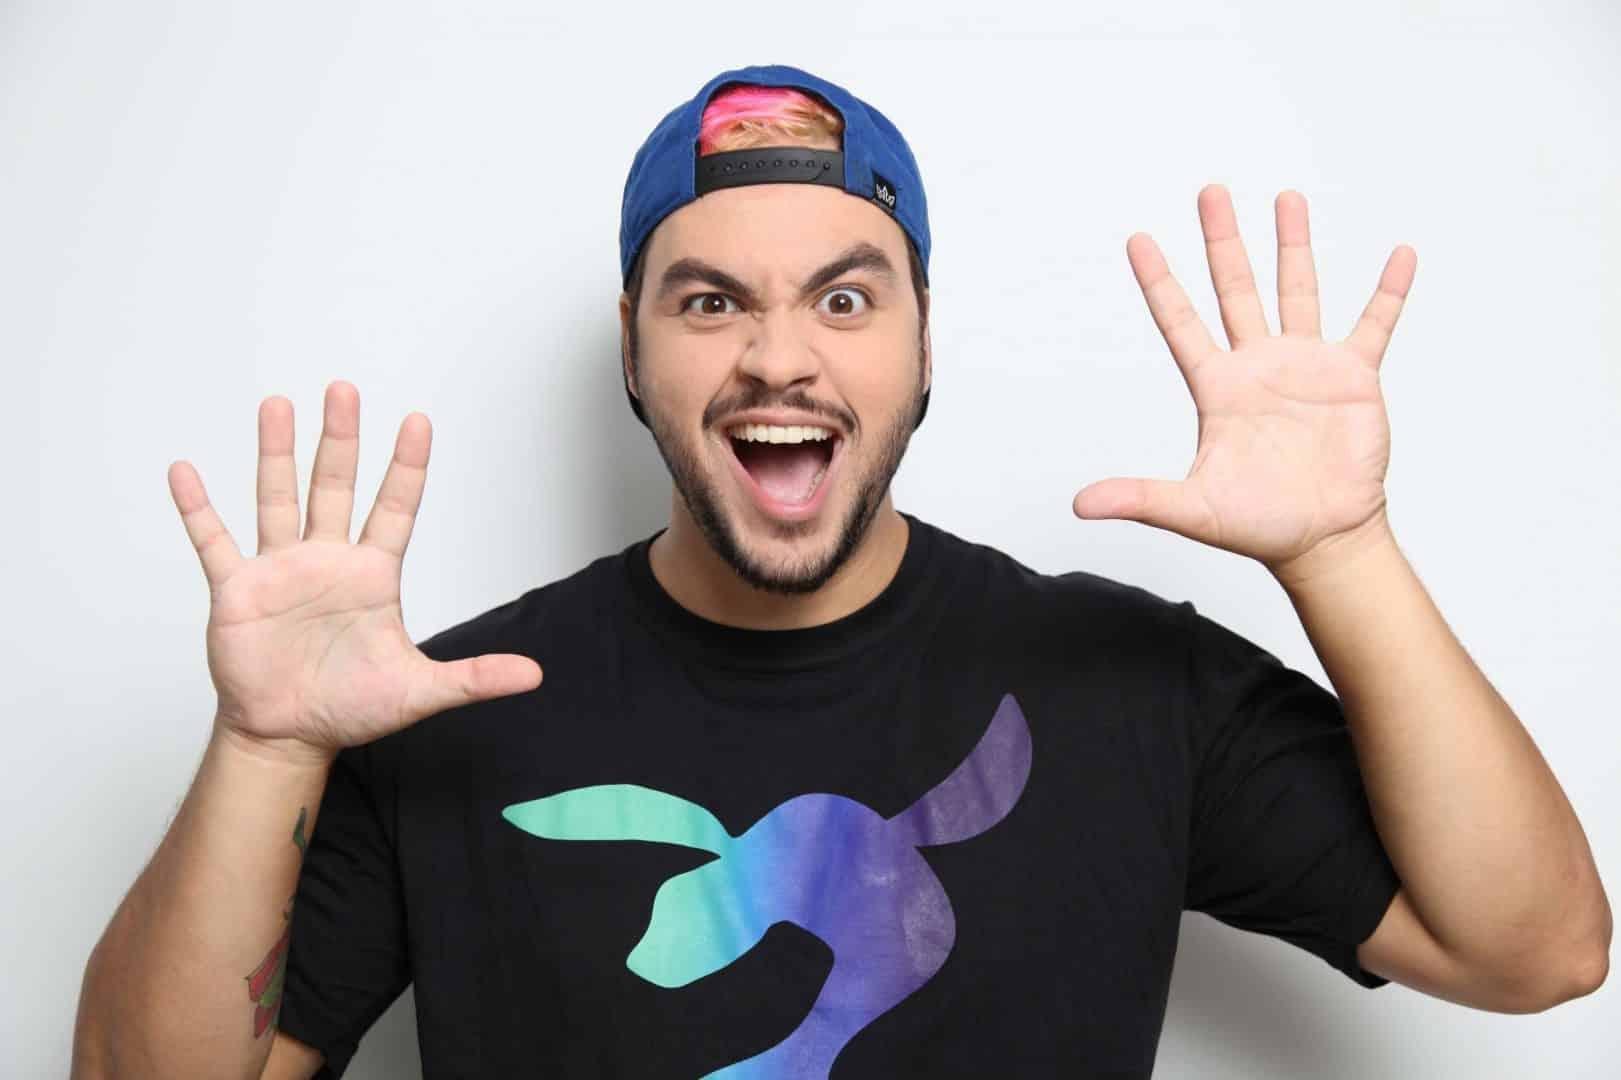 Luccas Neto, quem é? História e carreira do youtuber príncipe dos baixinhos